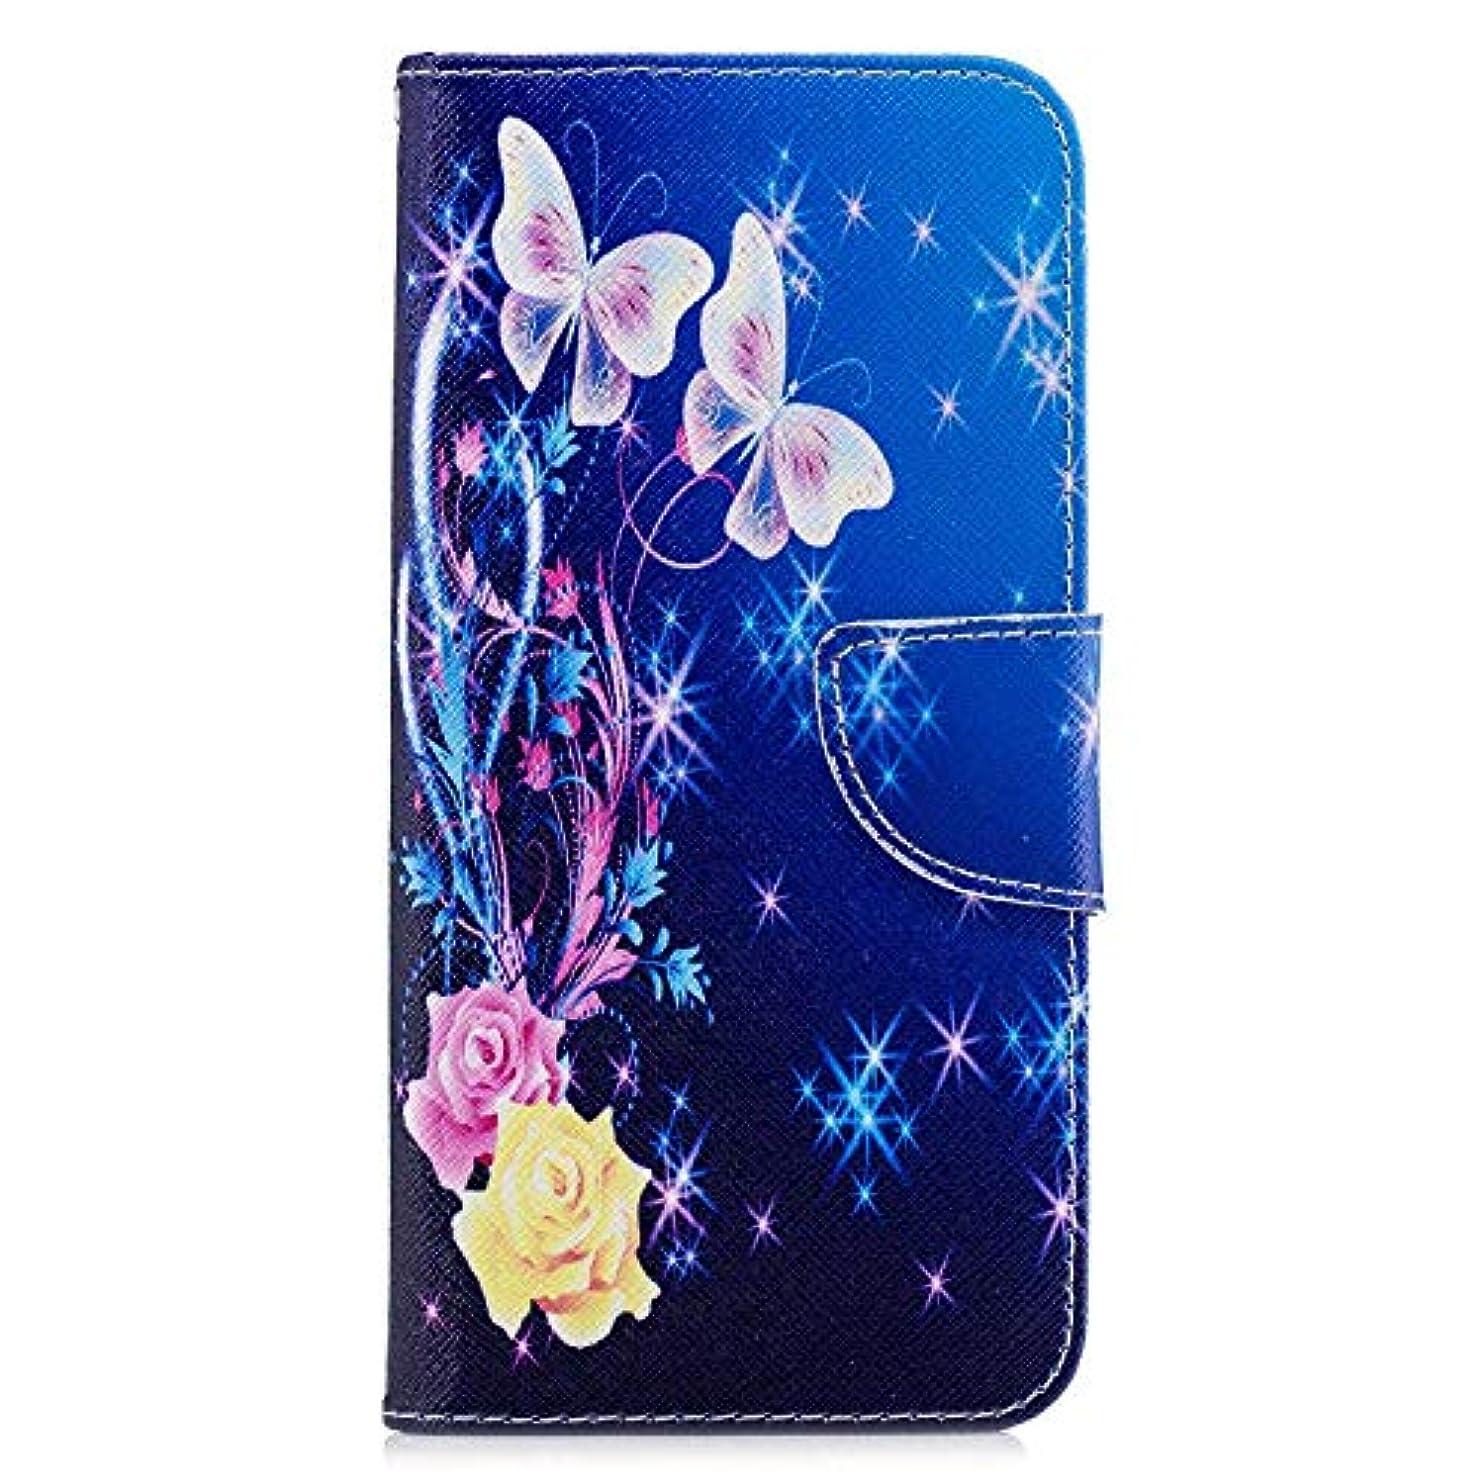 アークメニューセブンOMATENTI Huawei Honor 8C ケース, ファッション人気 PUレザー 手帳 軽量 電話ケース 耐衝撃性 落下防止 薄型 スマホケースザー 付きスタンド機能, マグネット開閉式 そしてカード収納 Huawei...